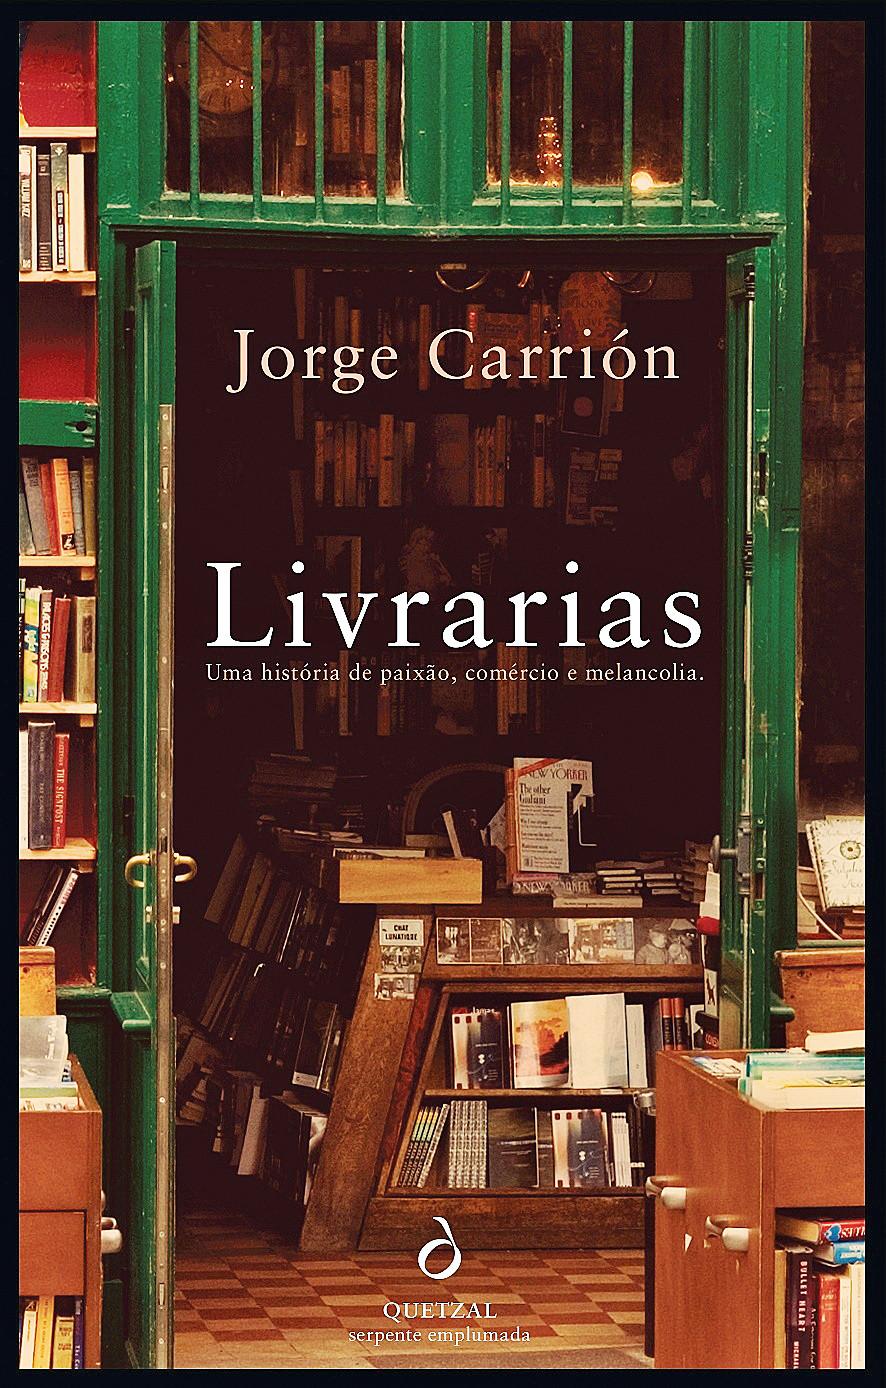 jorge carrion librarias livrarias.jpg